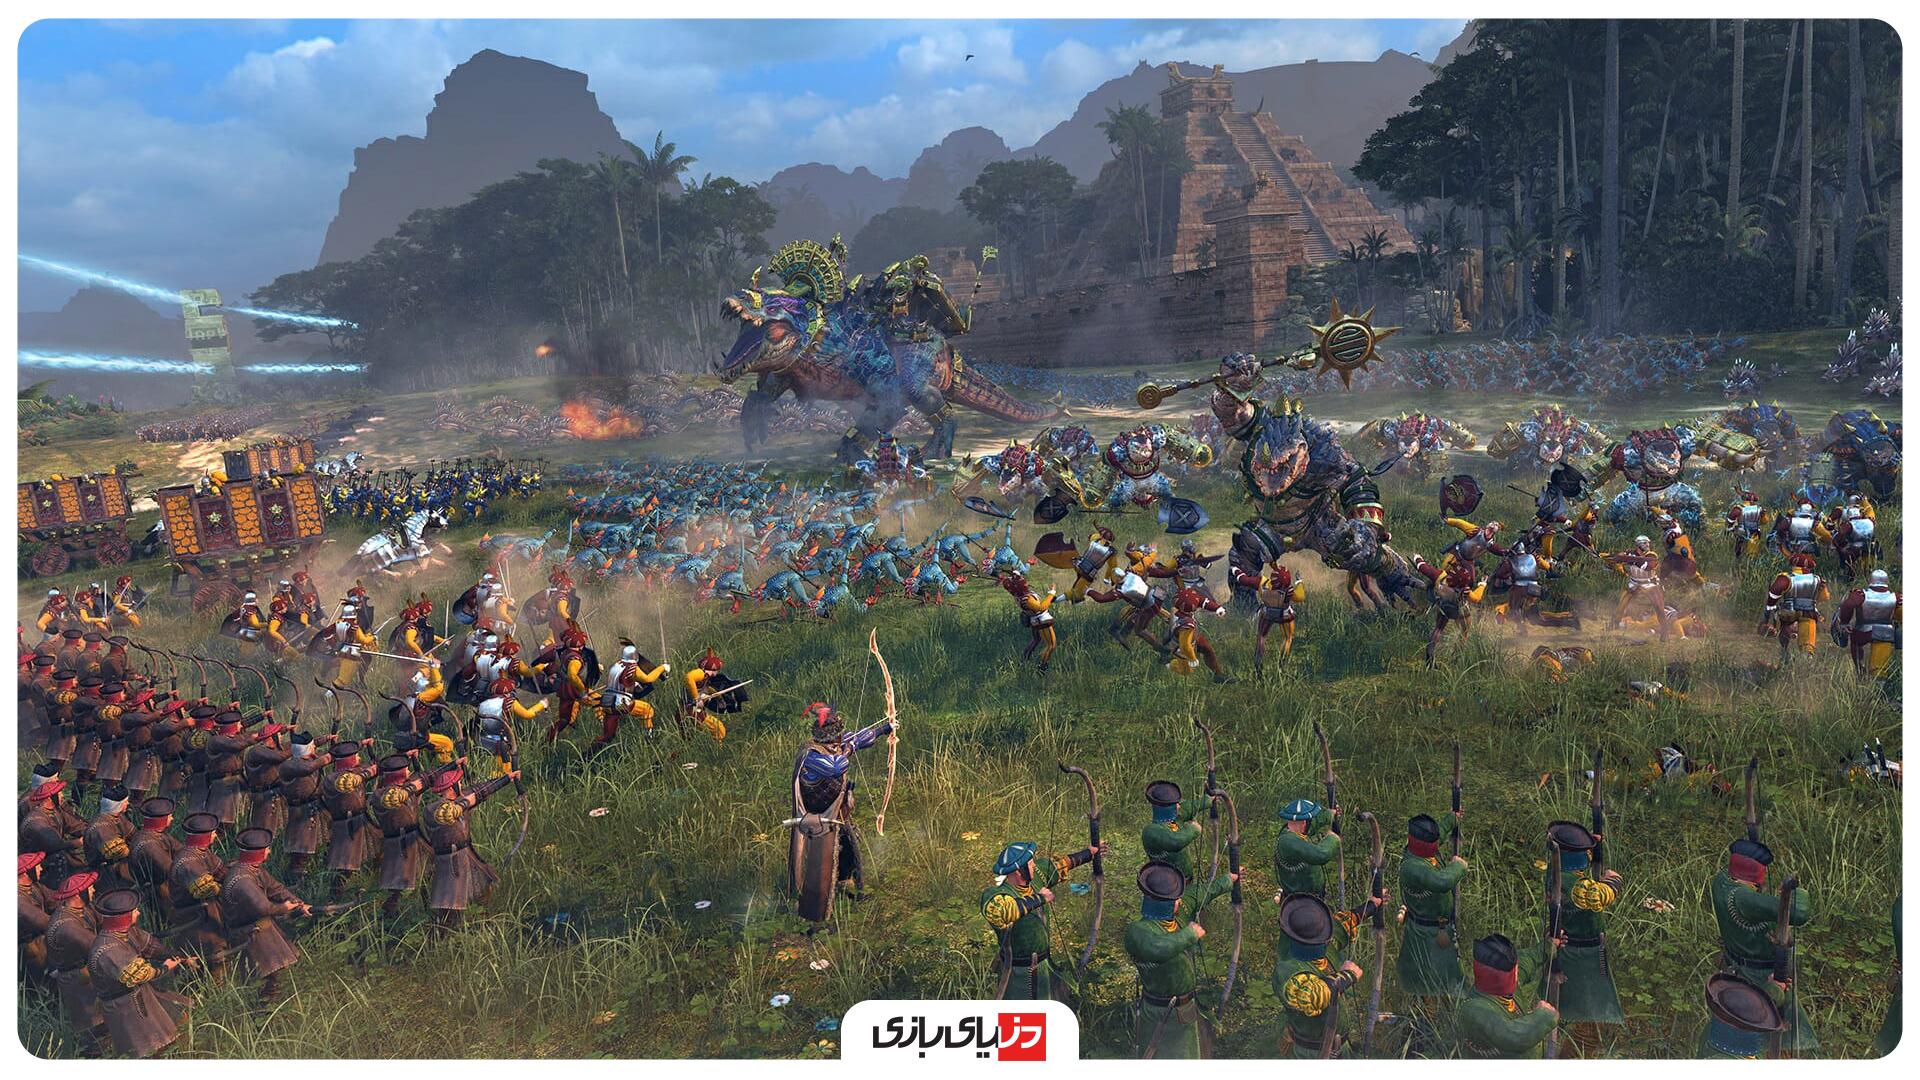 بازی استراتژیکی آنلاین Total war: warhammer 2